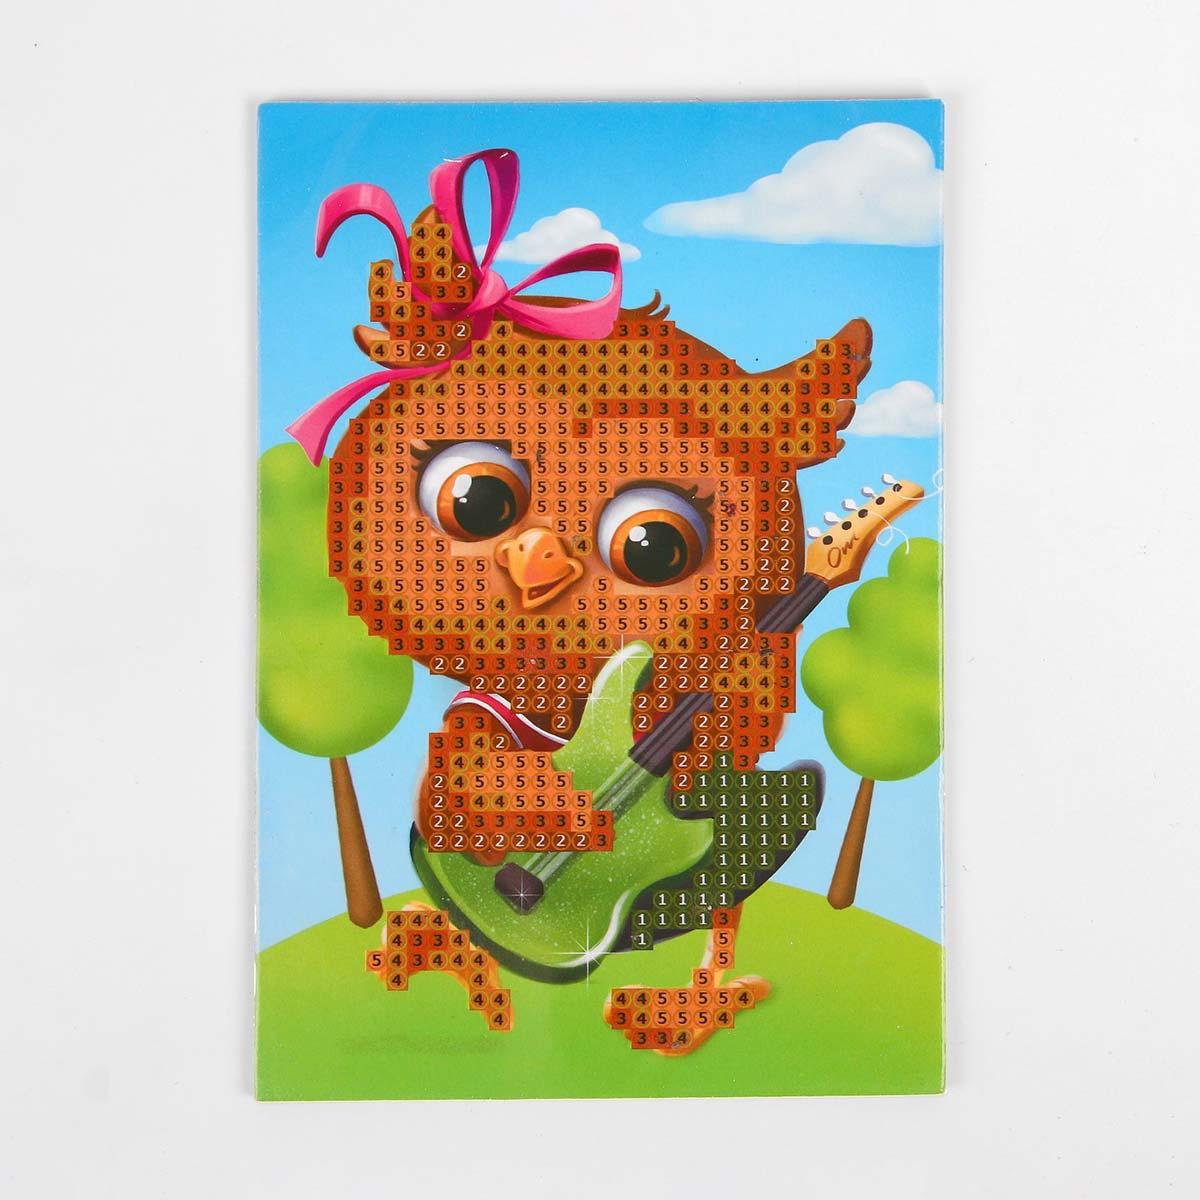 4702911 Алмазная мозаика для детей «Совушка с гитарой», 10*15 см. Набор для творчества